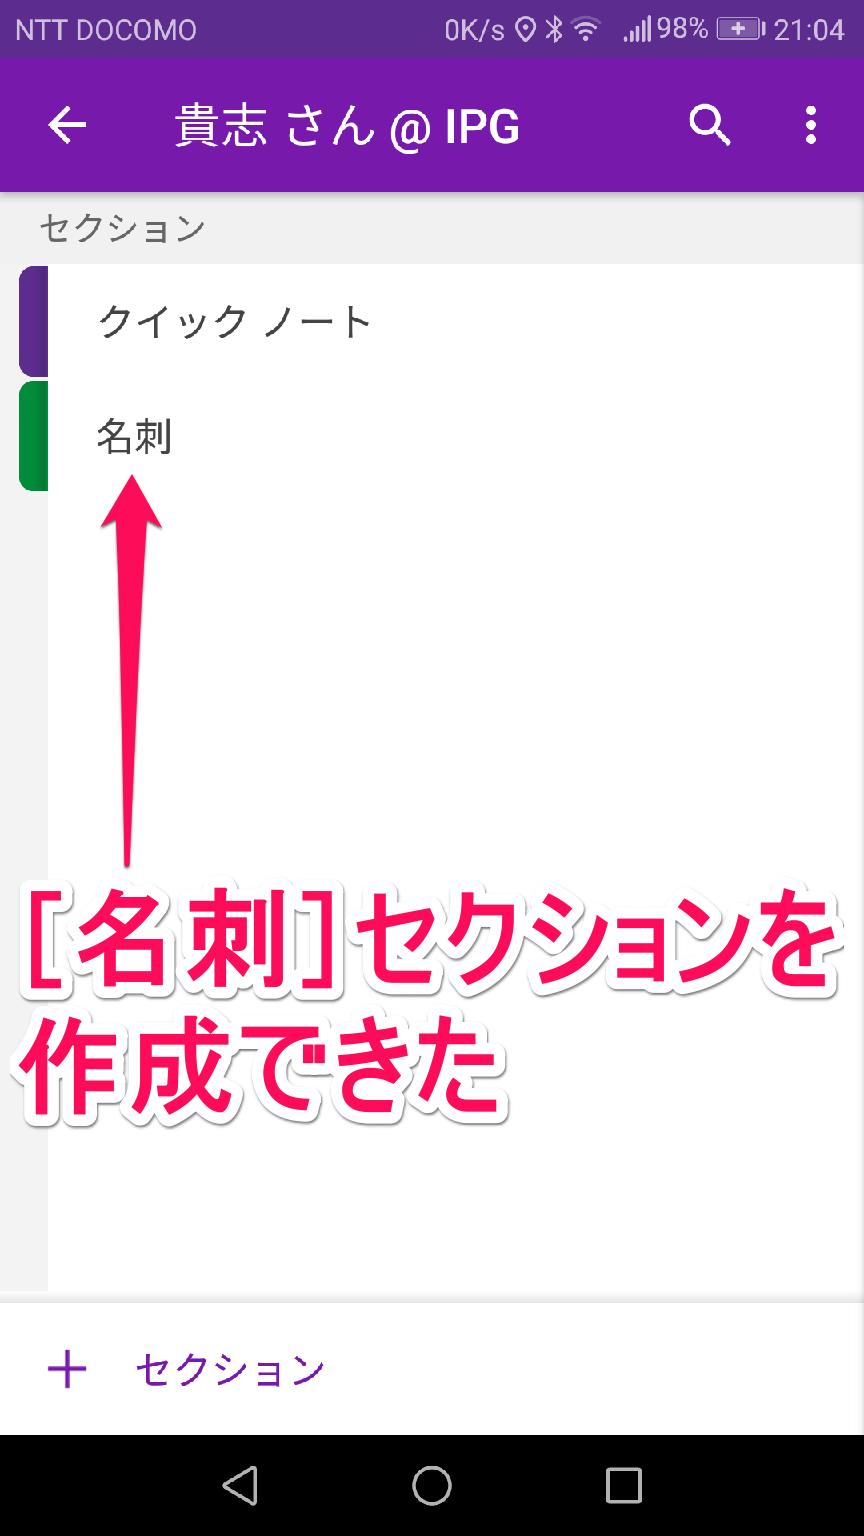 OneNote(ワンノート)アプリの[セクション]画面に[名刺]セクションが作成された状態